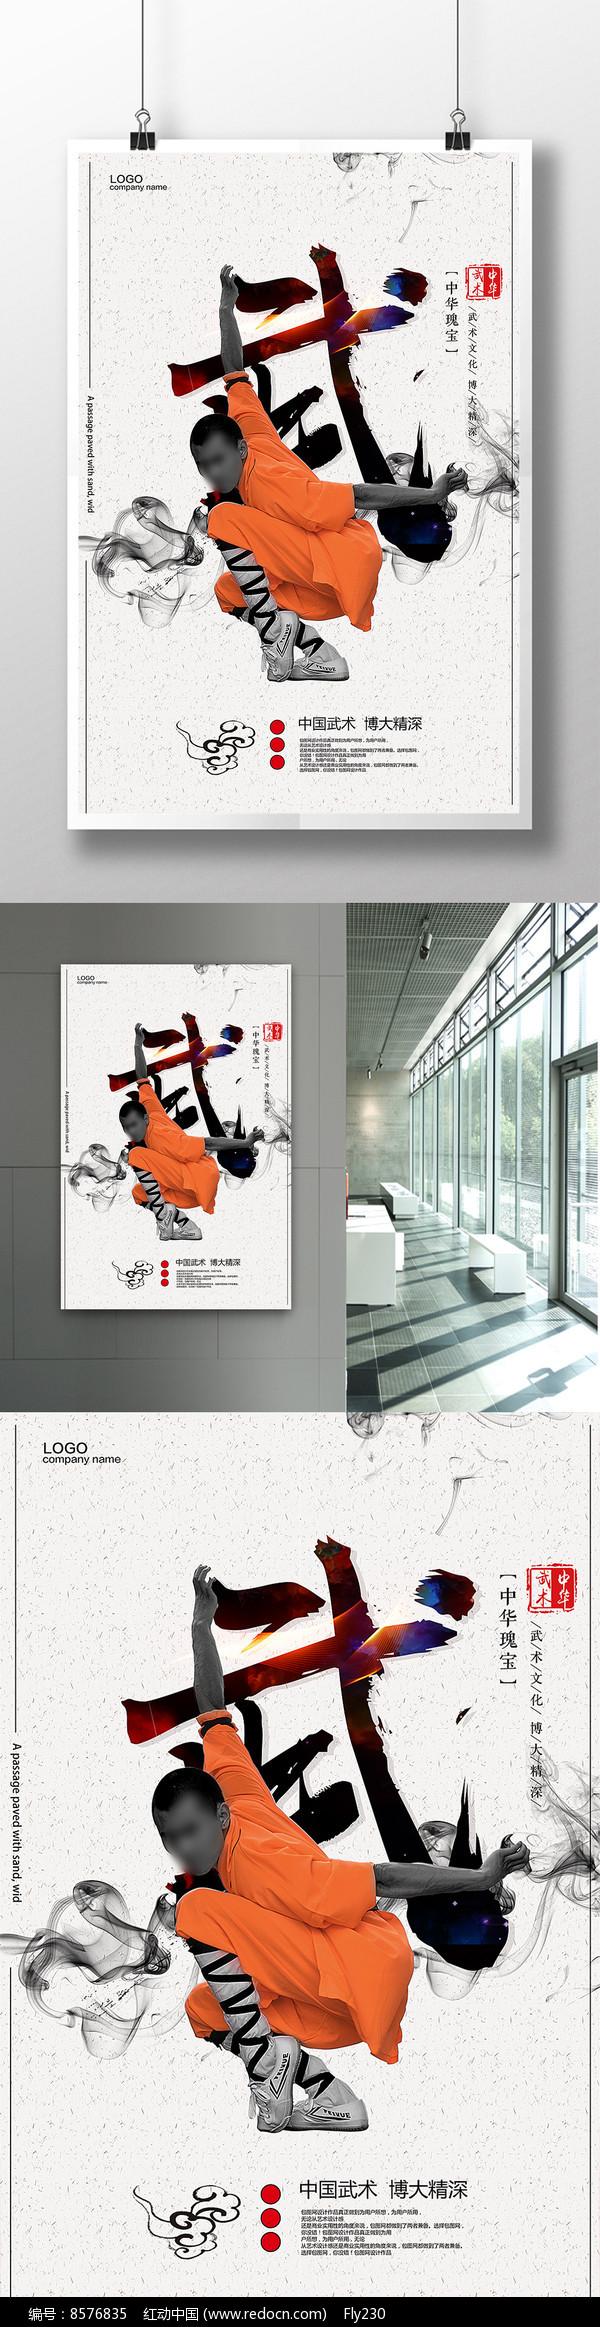 中华武术文化海报模板图片